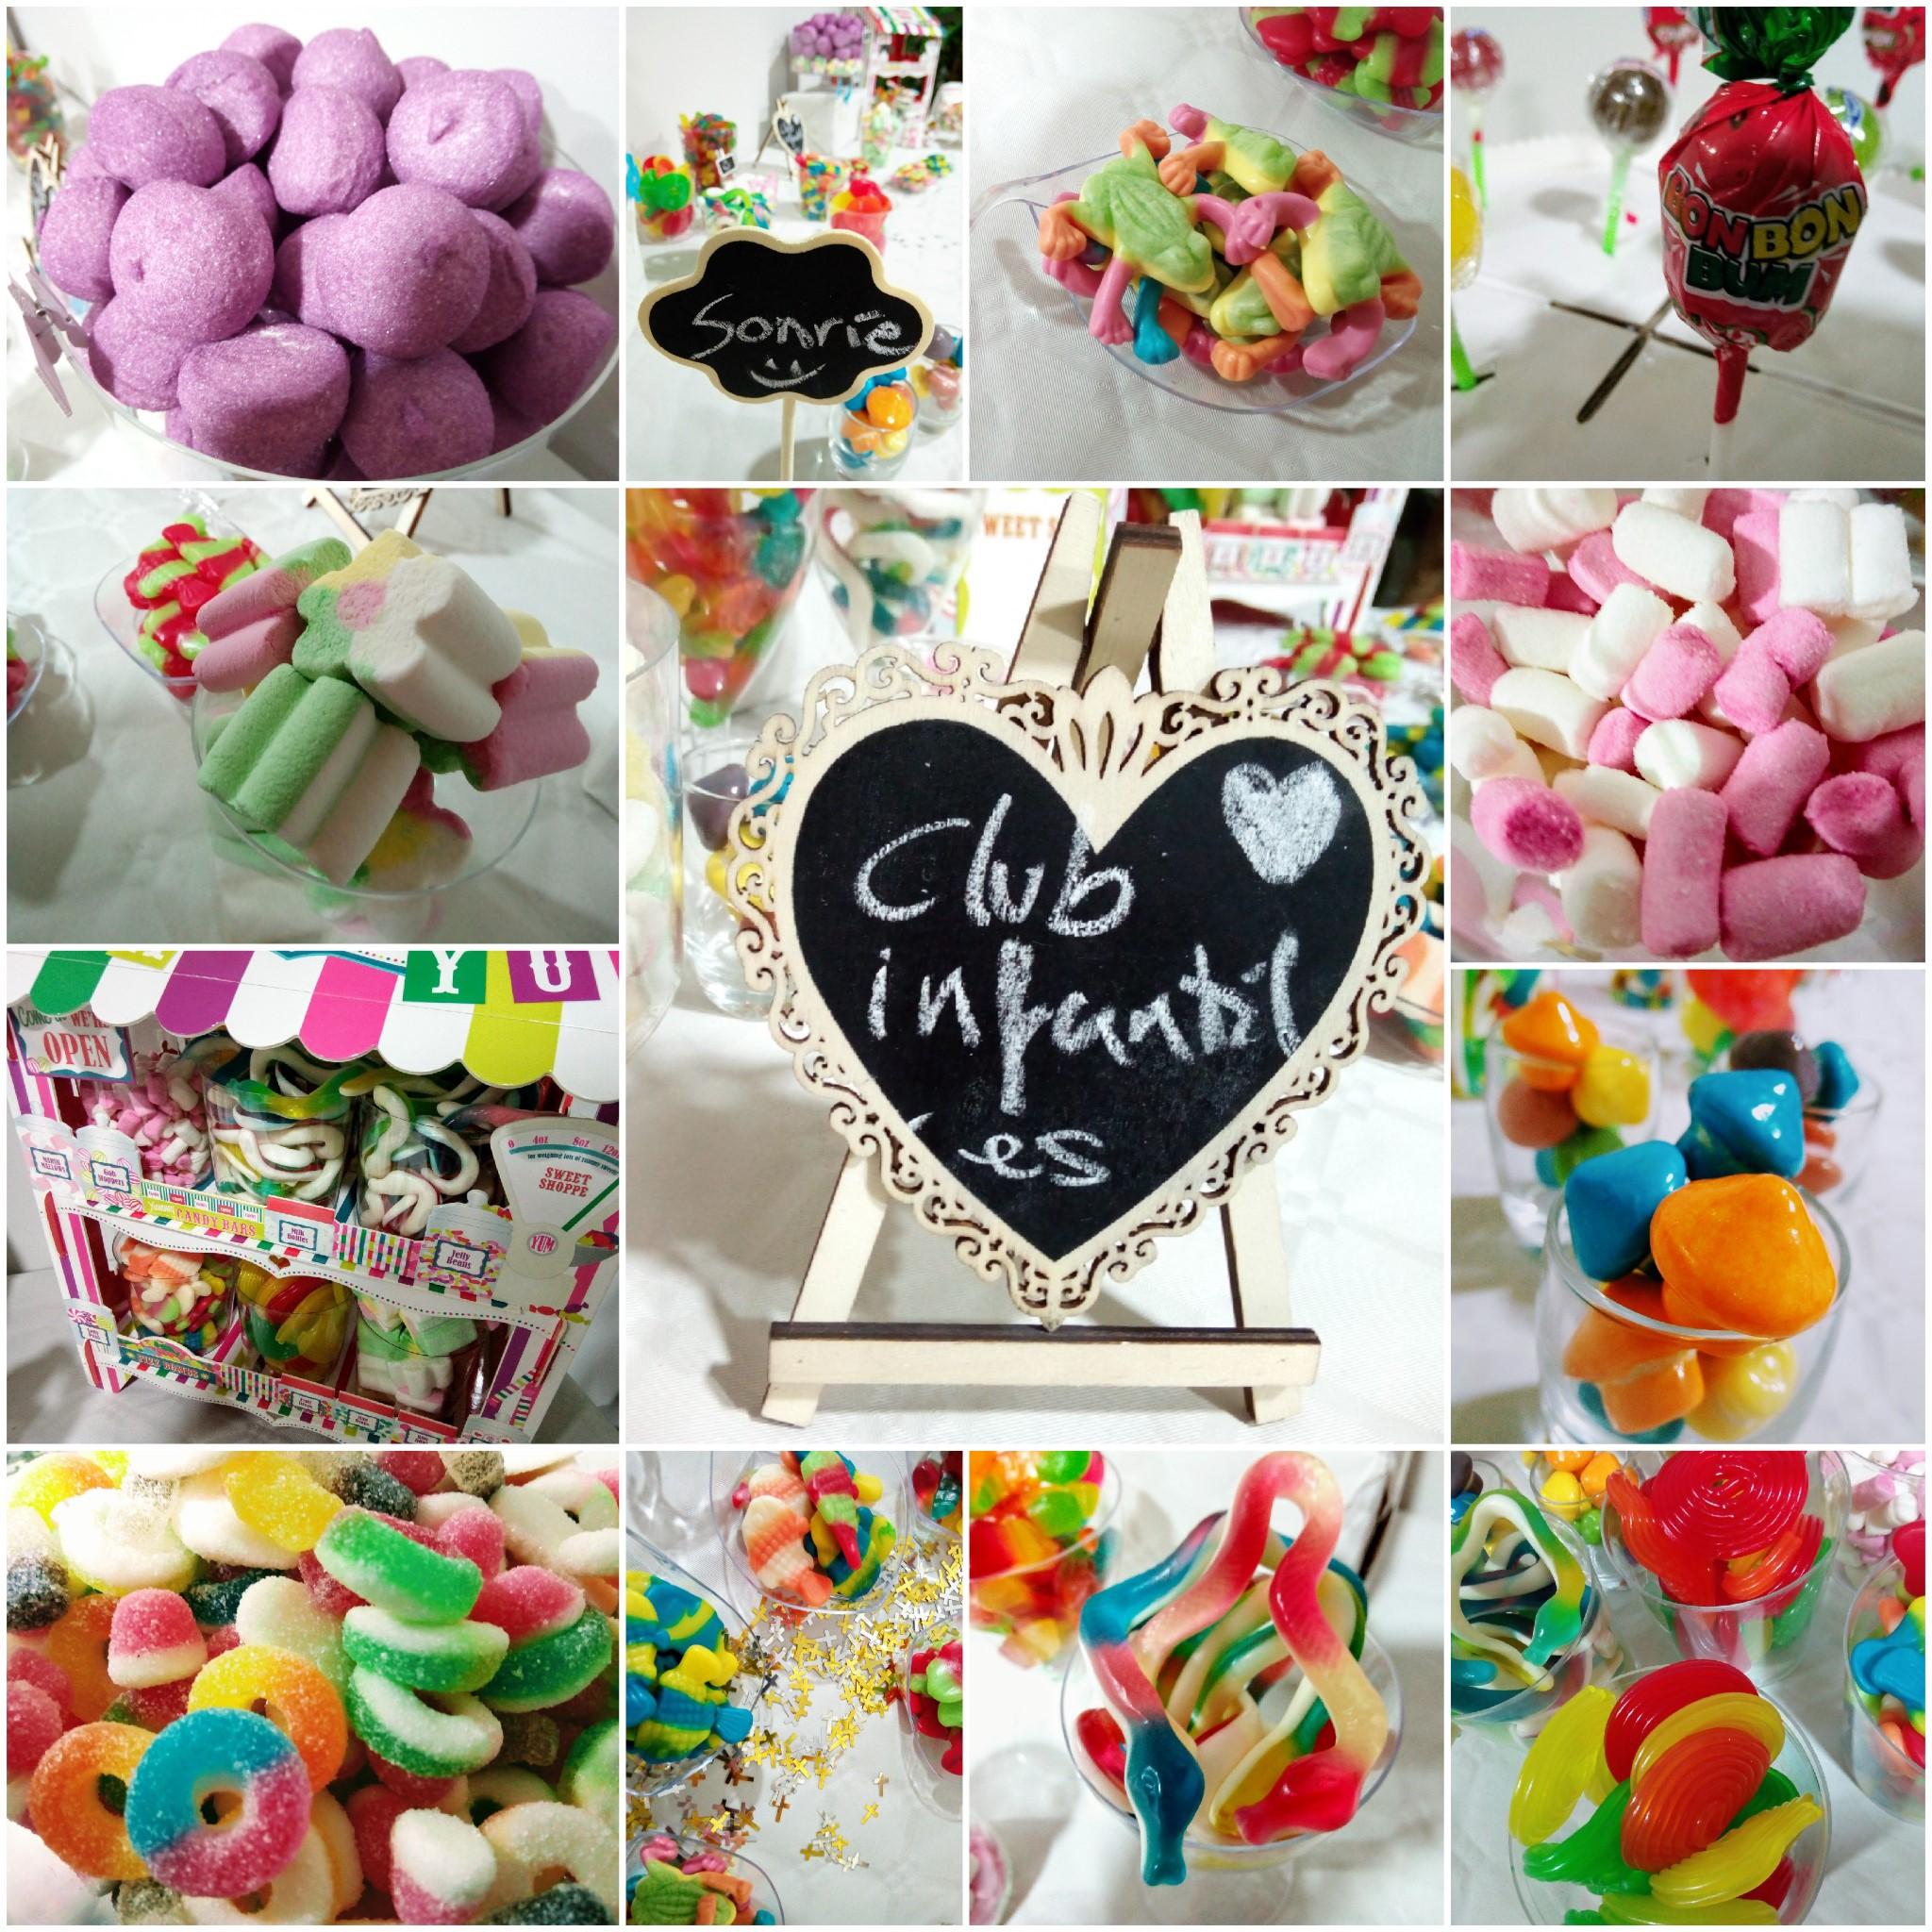 uu cuando familiares y amigos se reunan preparaban dulces y decoraban una mesa con todo detalle como muestra de